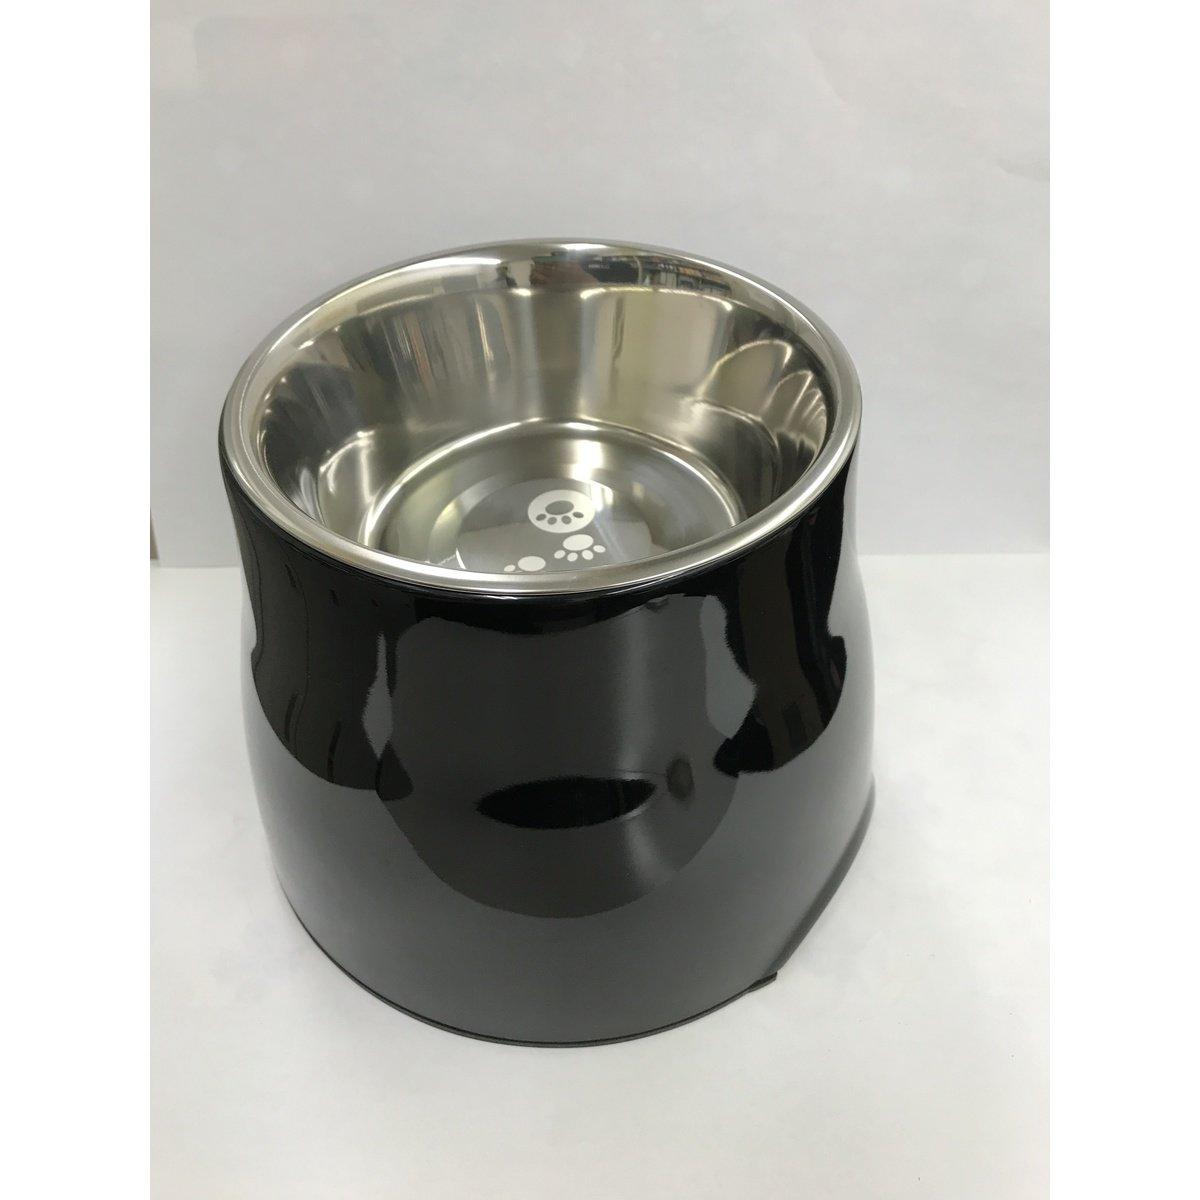 トムキャット [食器]ソリッドカラー ラウンドボウル S ブラック×12入【送料無料】